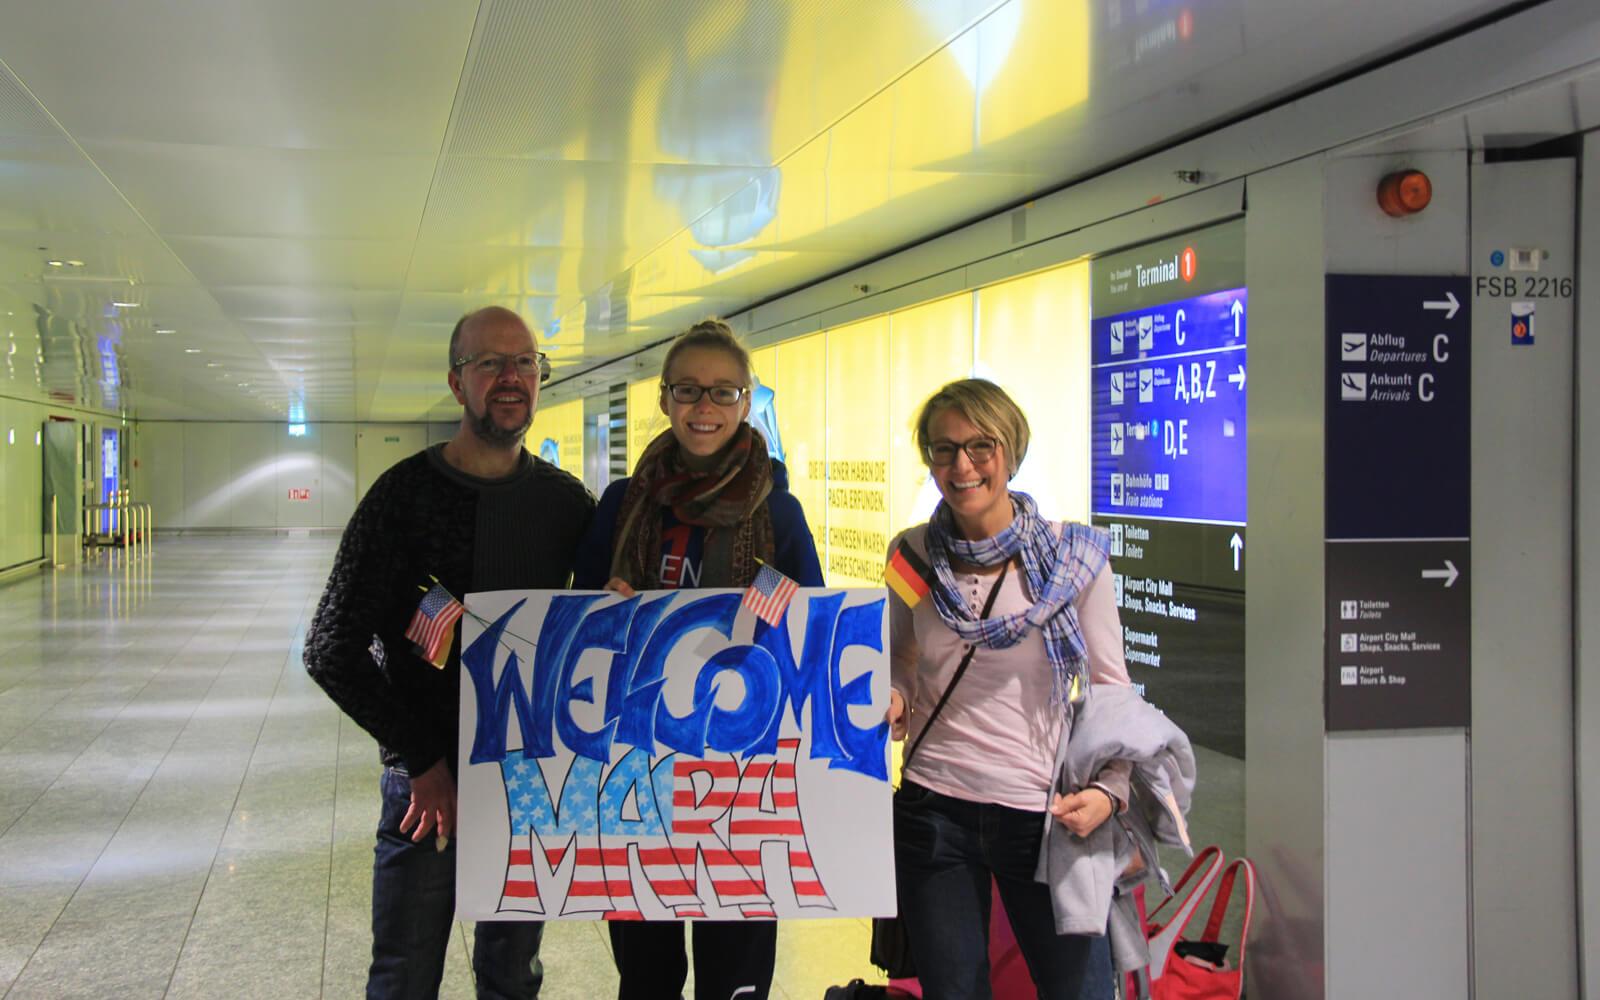 Mara mit ihren Eltern am Flughafen mit »Welcome Mara« Schild